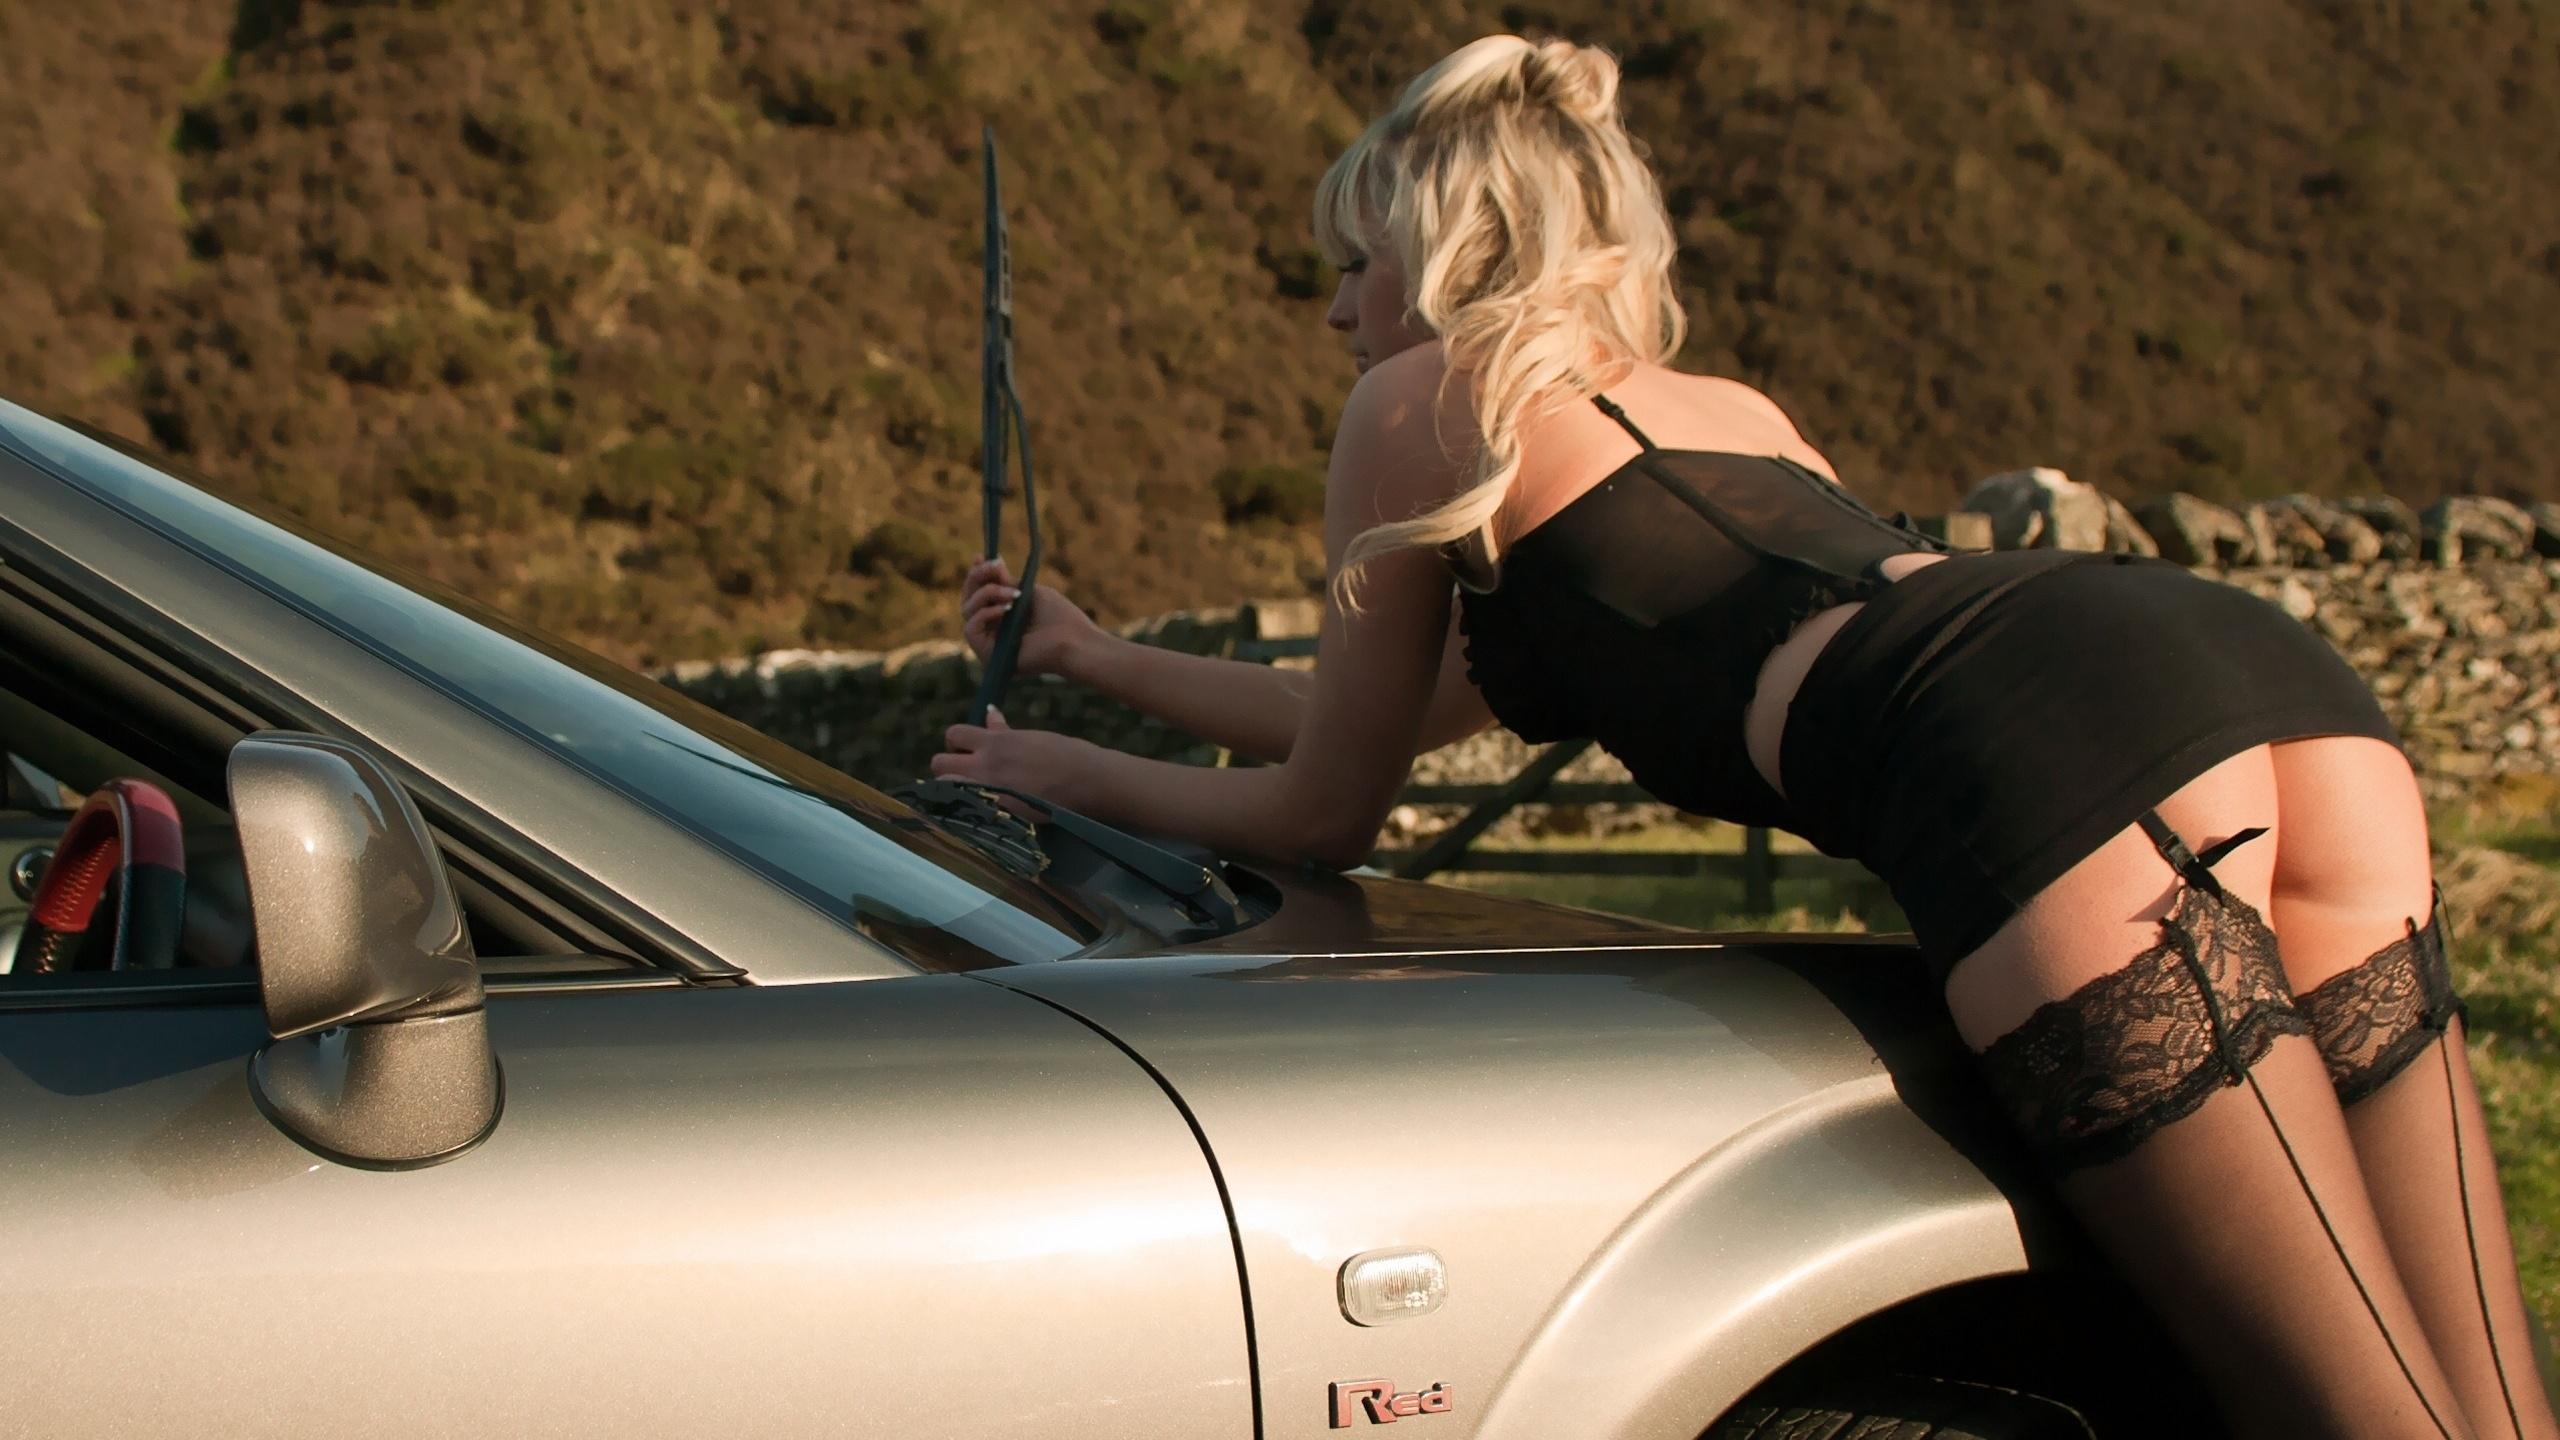 Фото зрелых женщин в чулках на фоне авто, секс фото с русской анжеликой